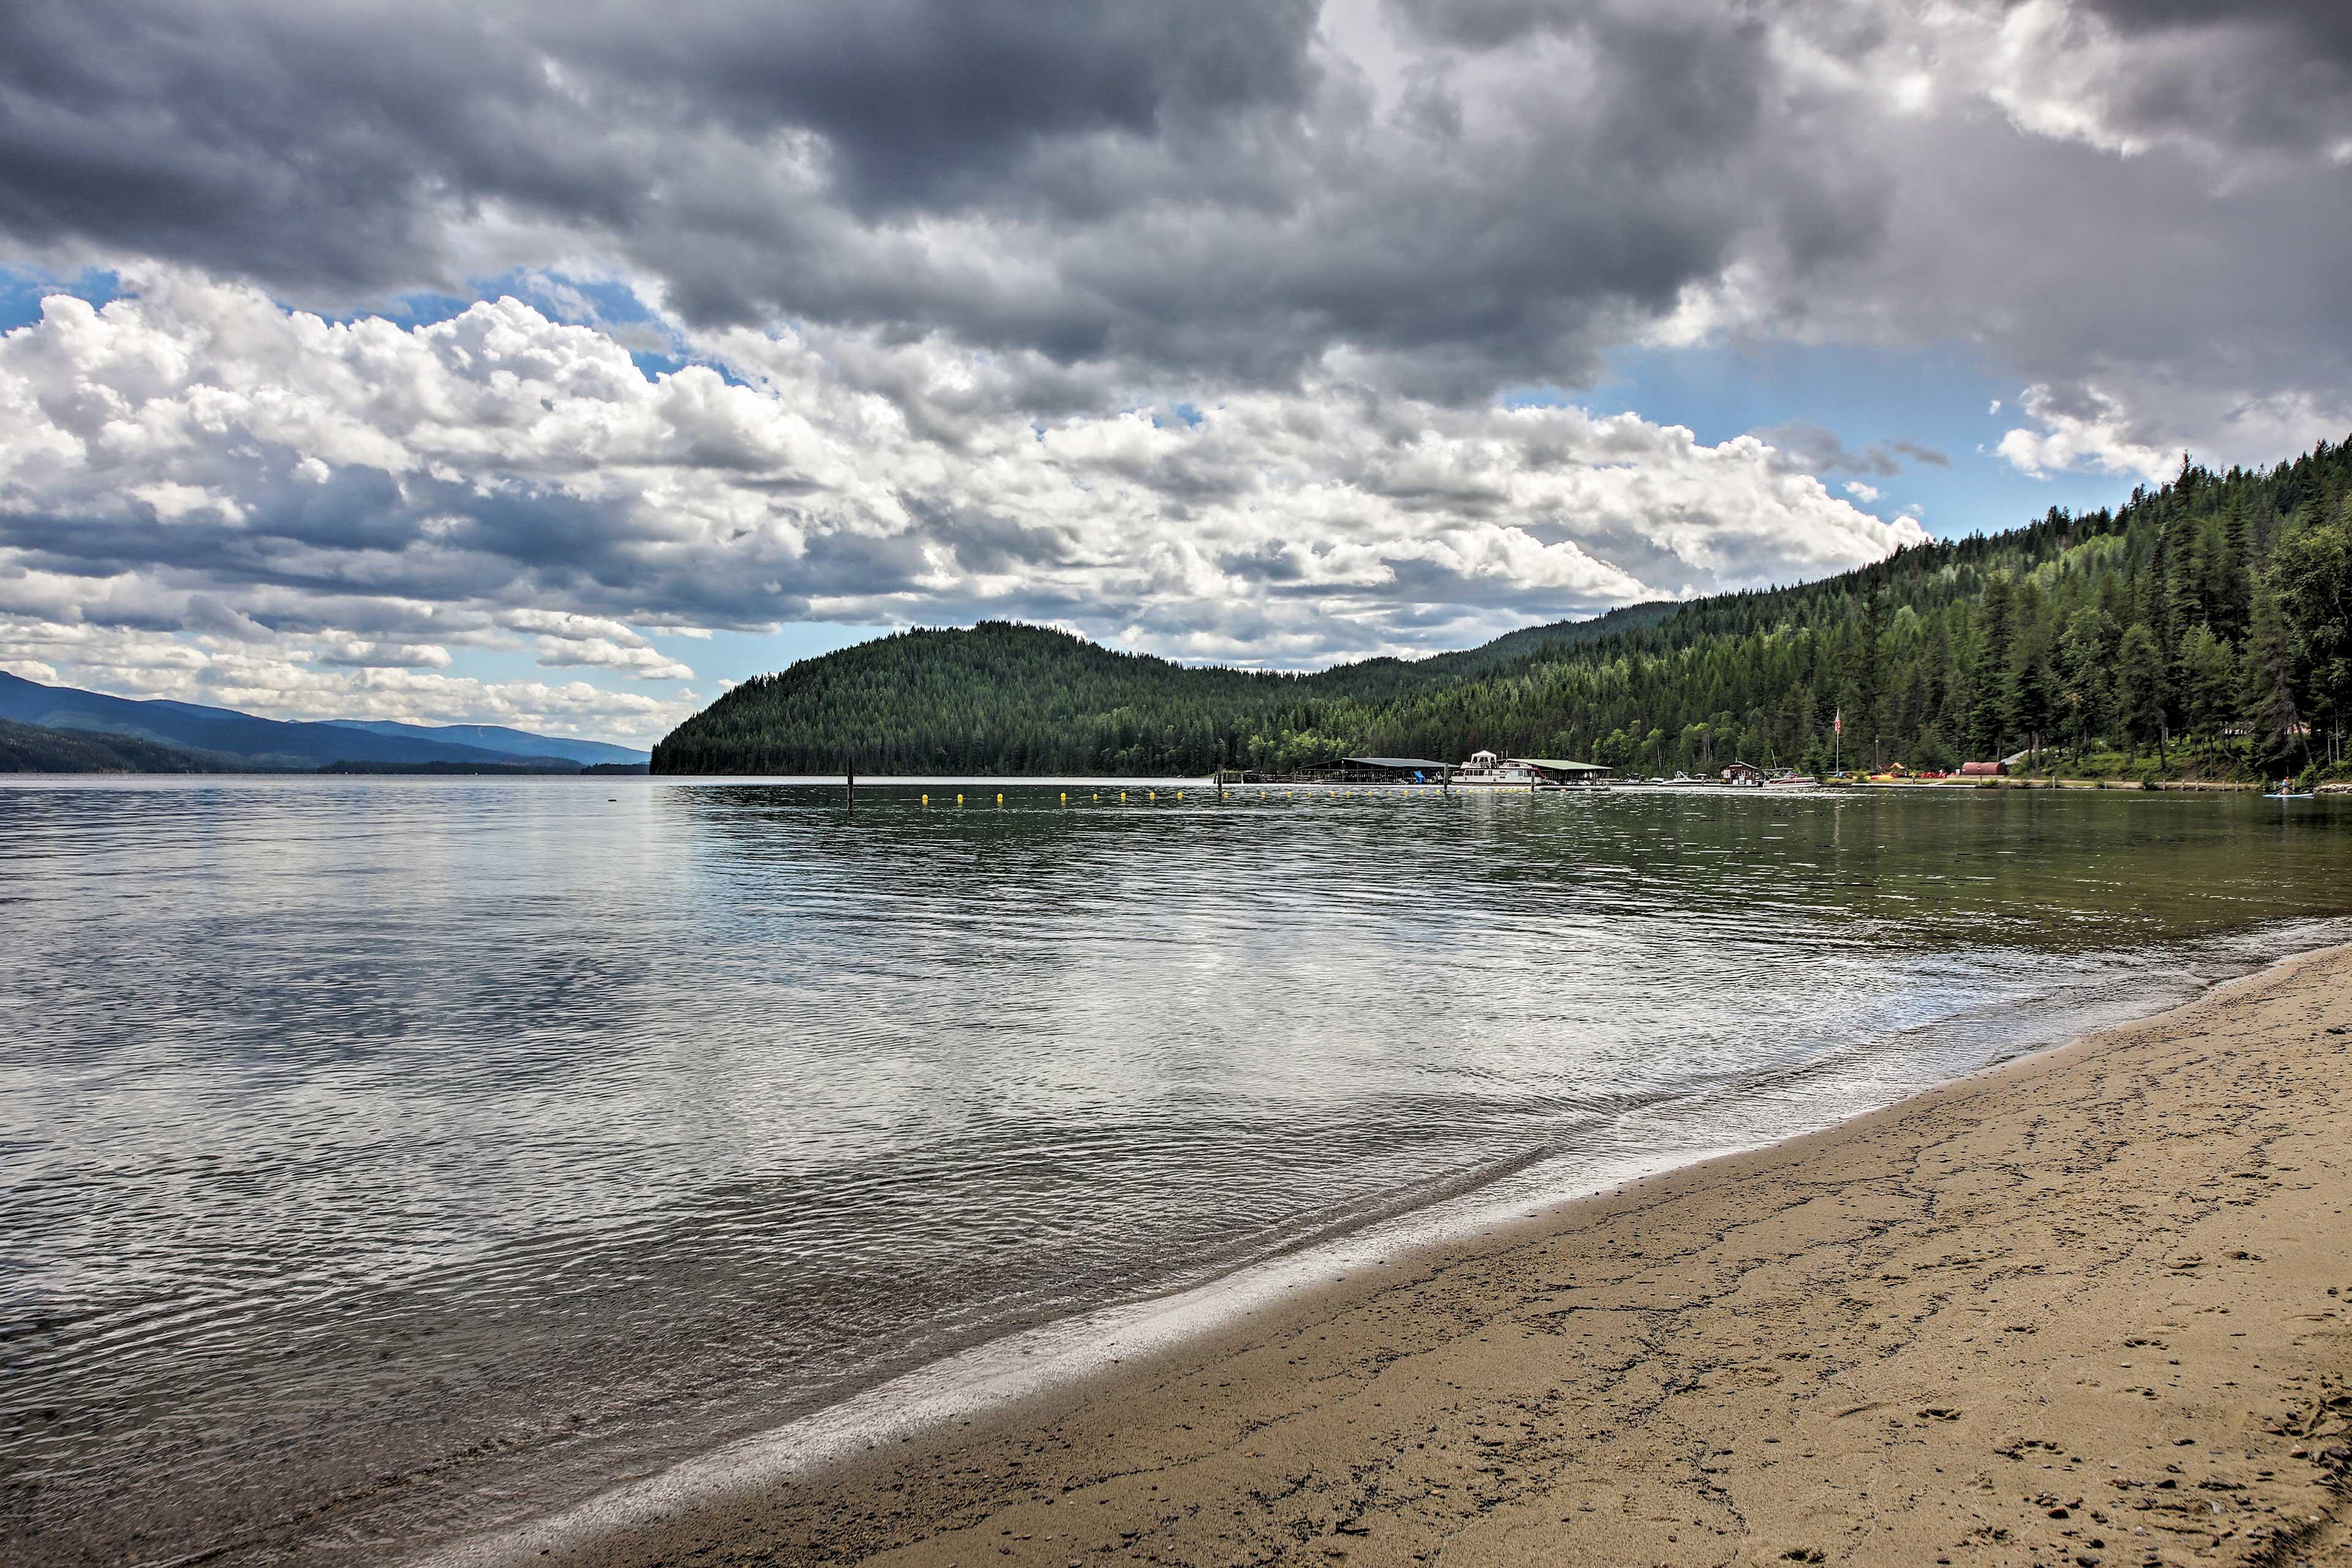 Priest Lake is 0.2 miles away.